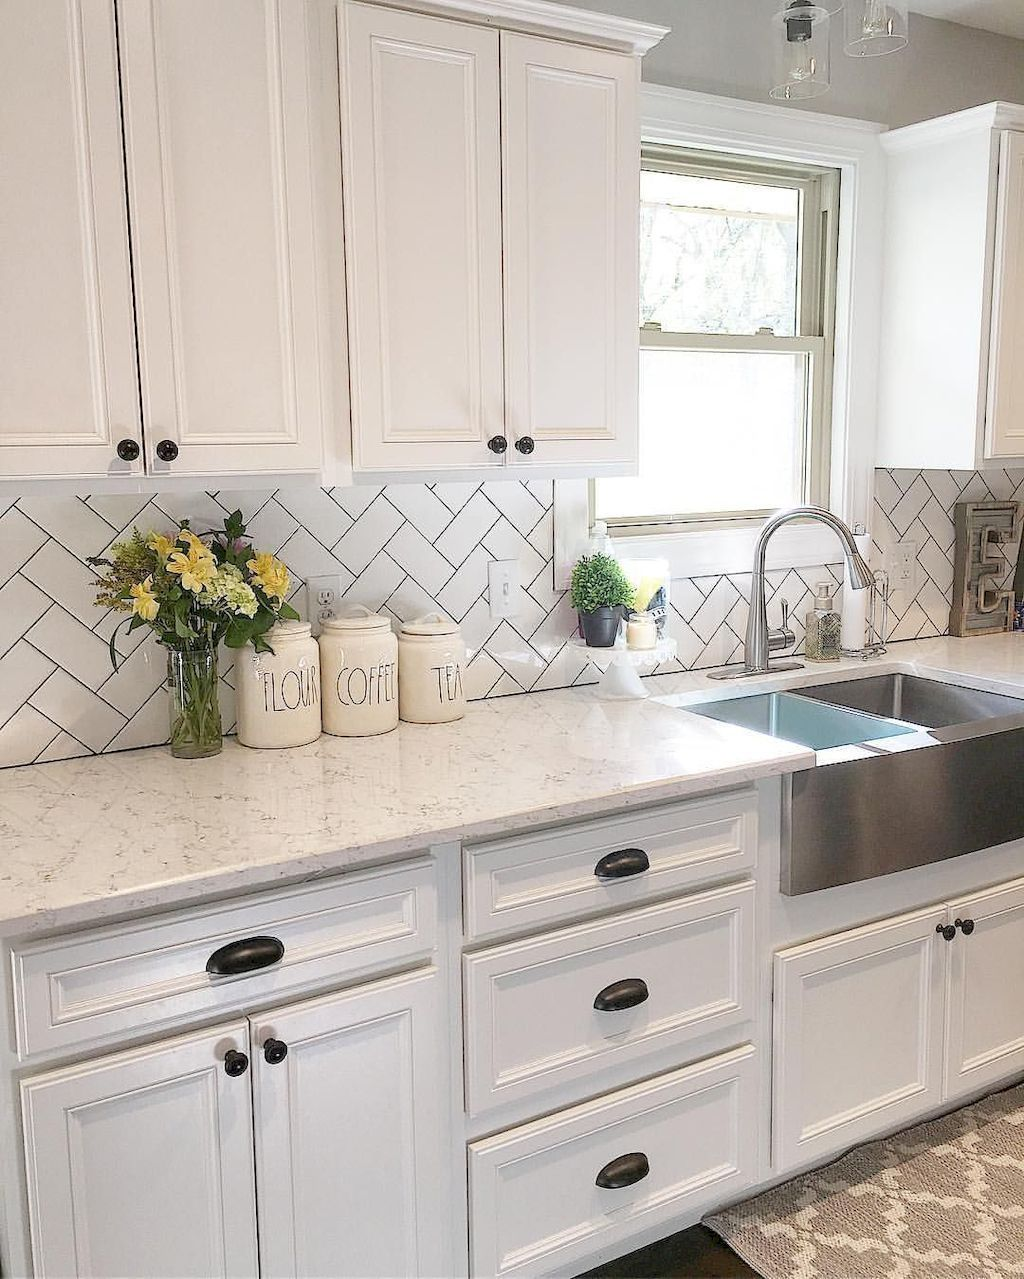 30 Luxury White Kitchen Cabinets Design Ideas Rustic Farmhouse Kitchen Farmhouse Kitchen Cabinets Kitchen Cabinet Design